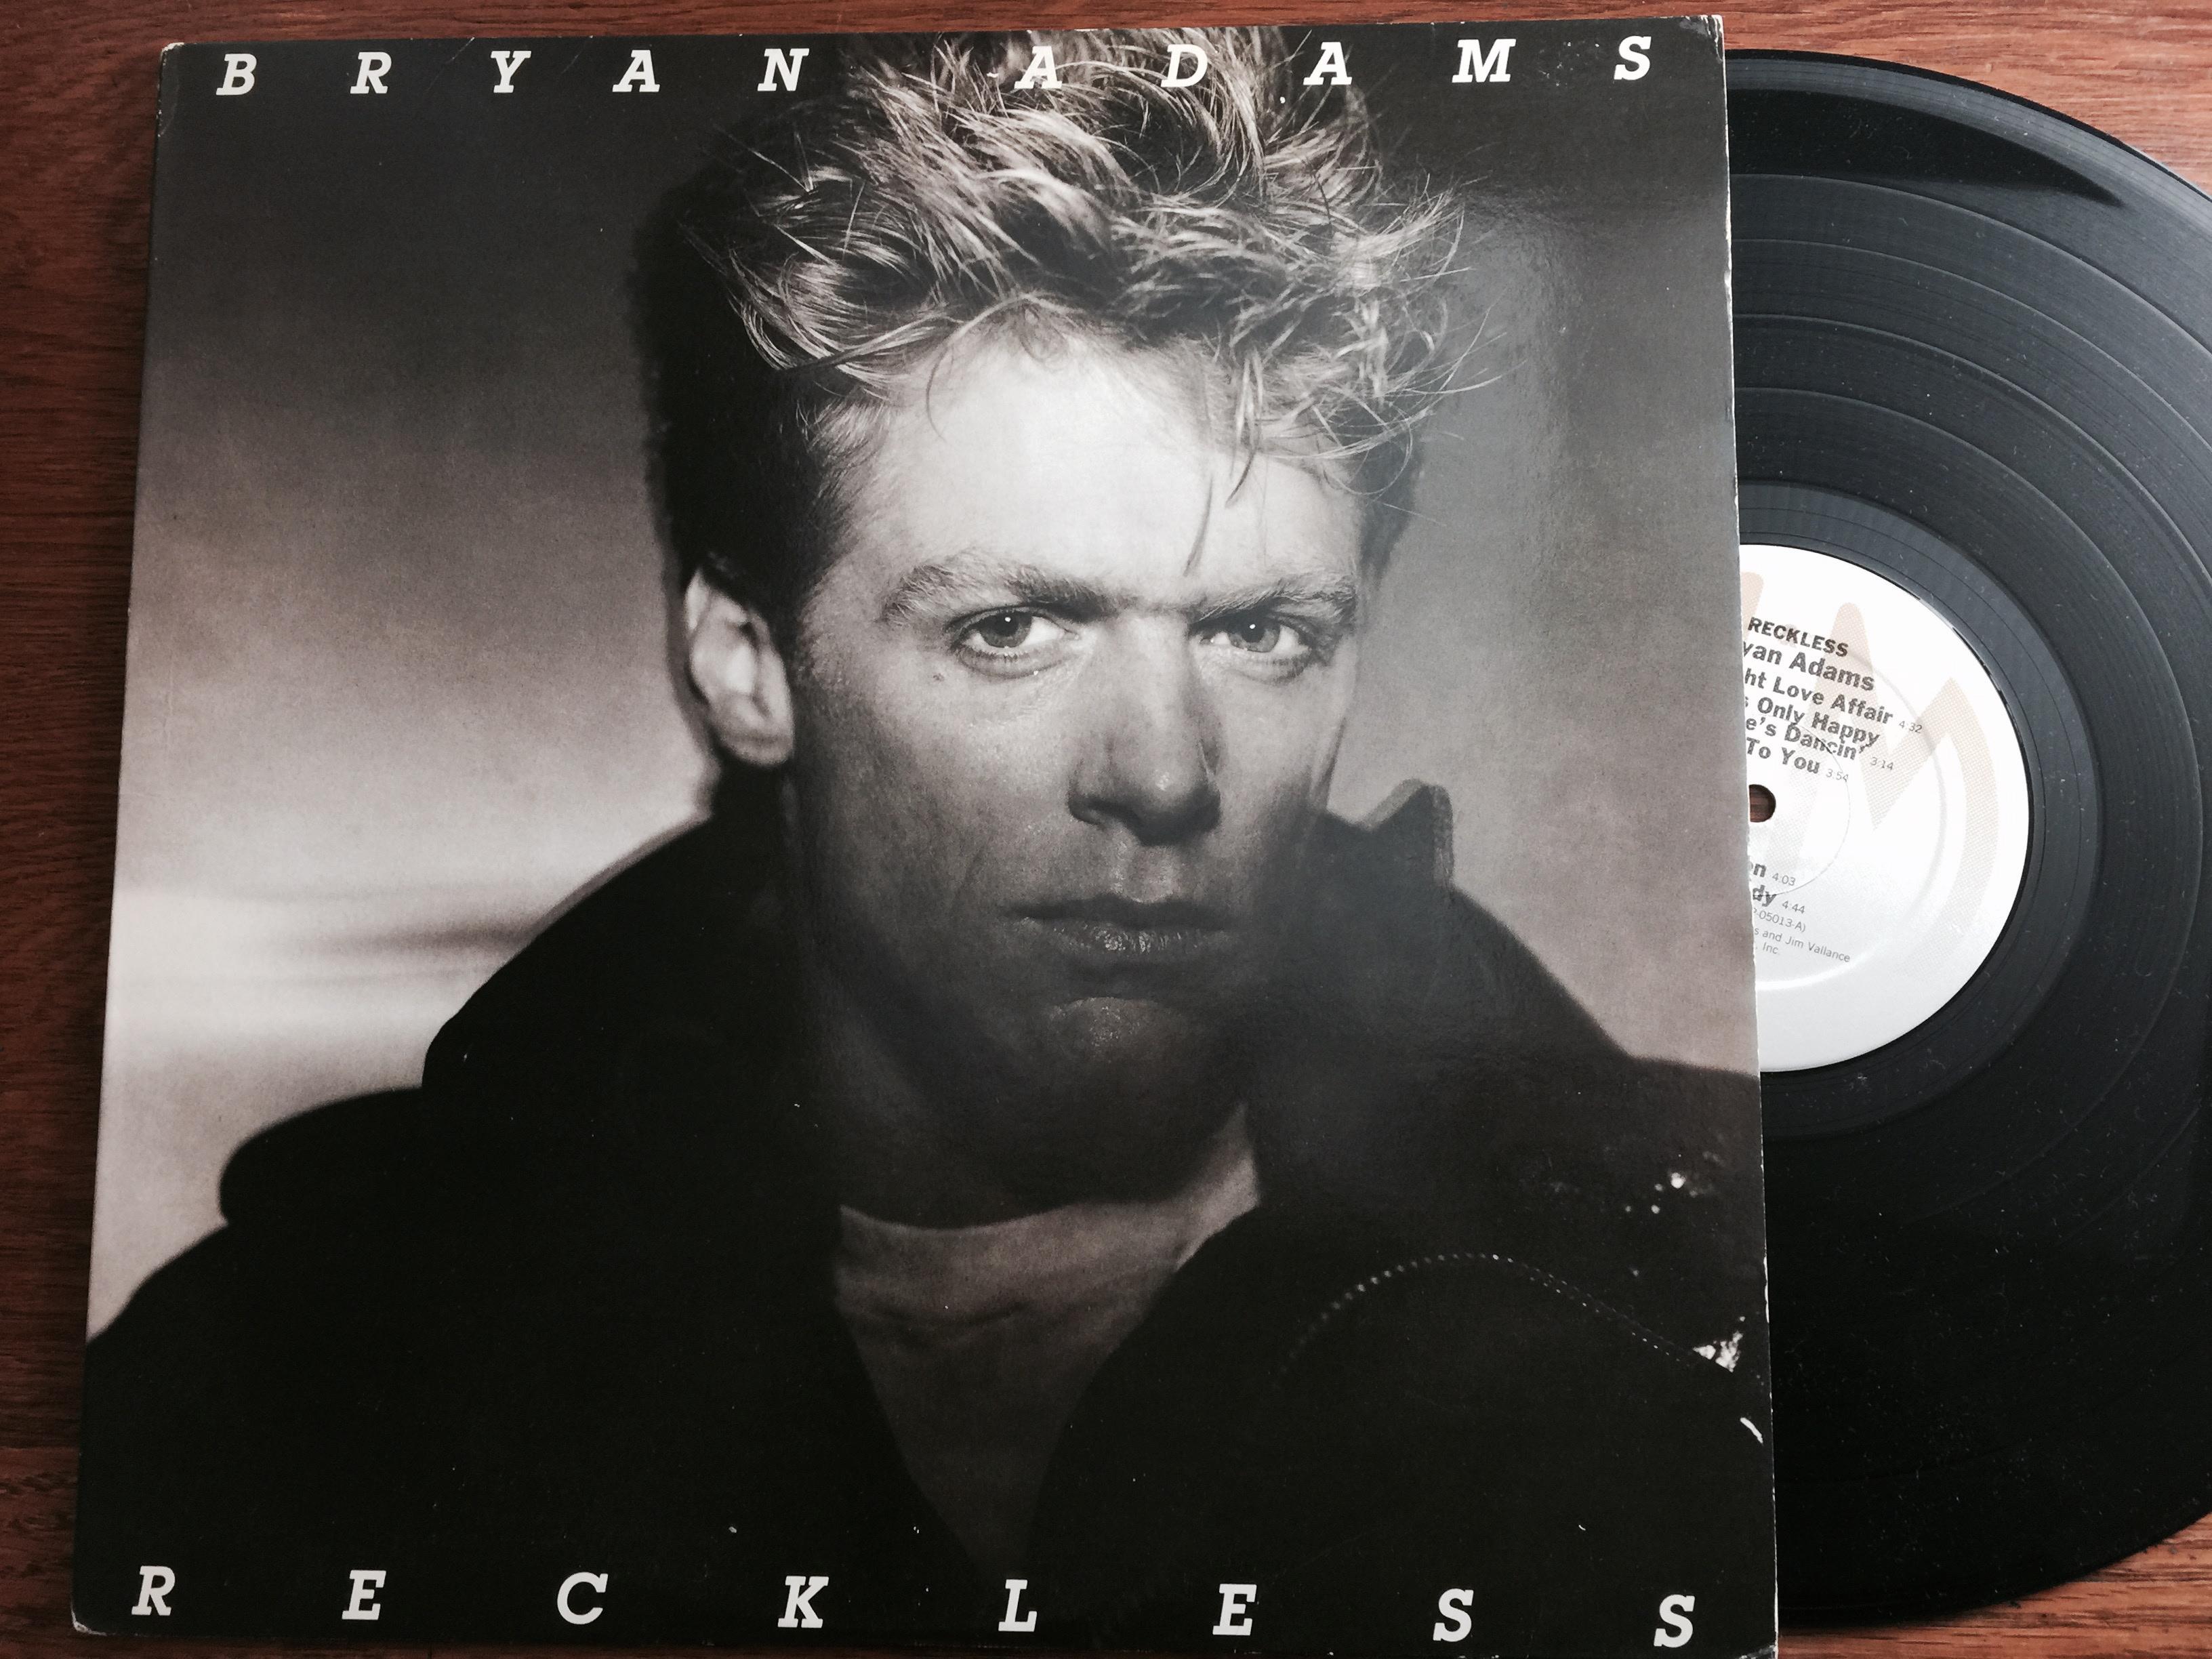 Download mp3 full flac album vinyl rip Run To You - Bryan Adams - Reckless (Vinyl, LP, Album)